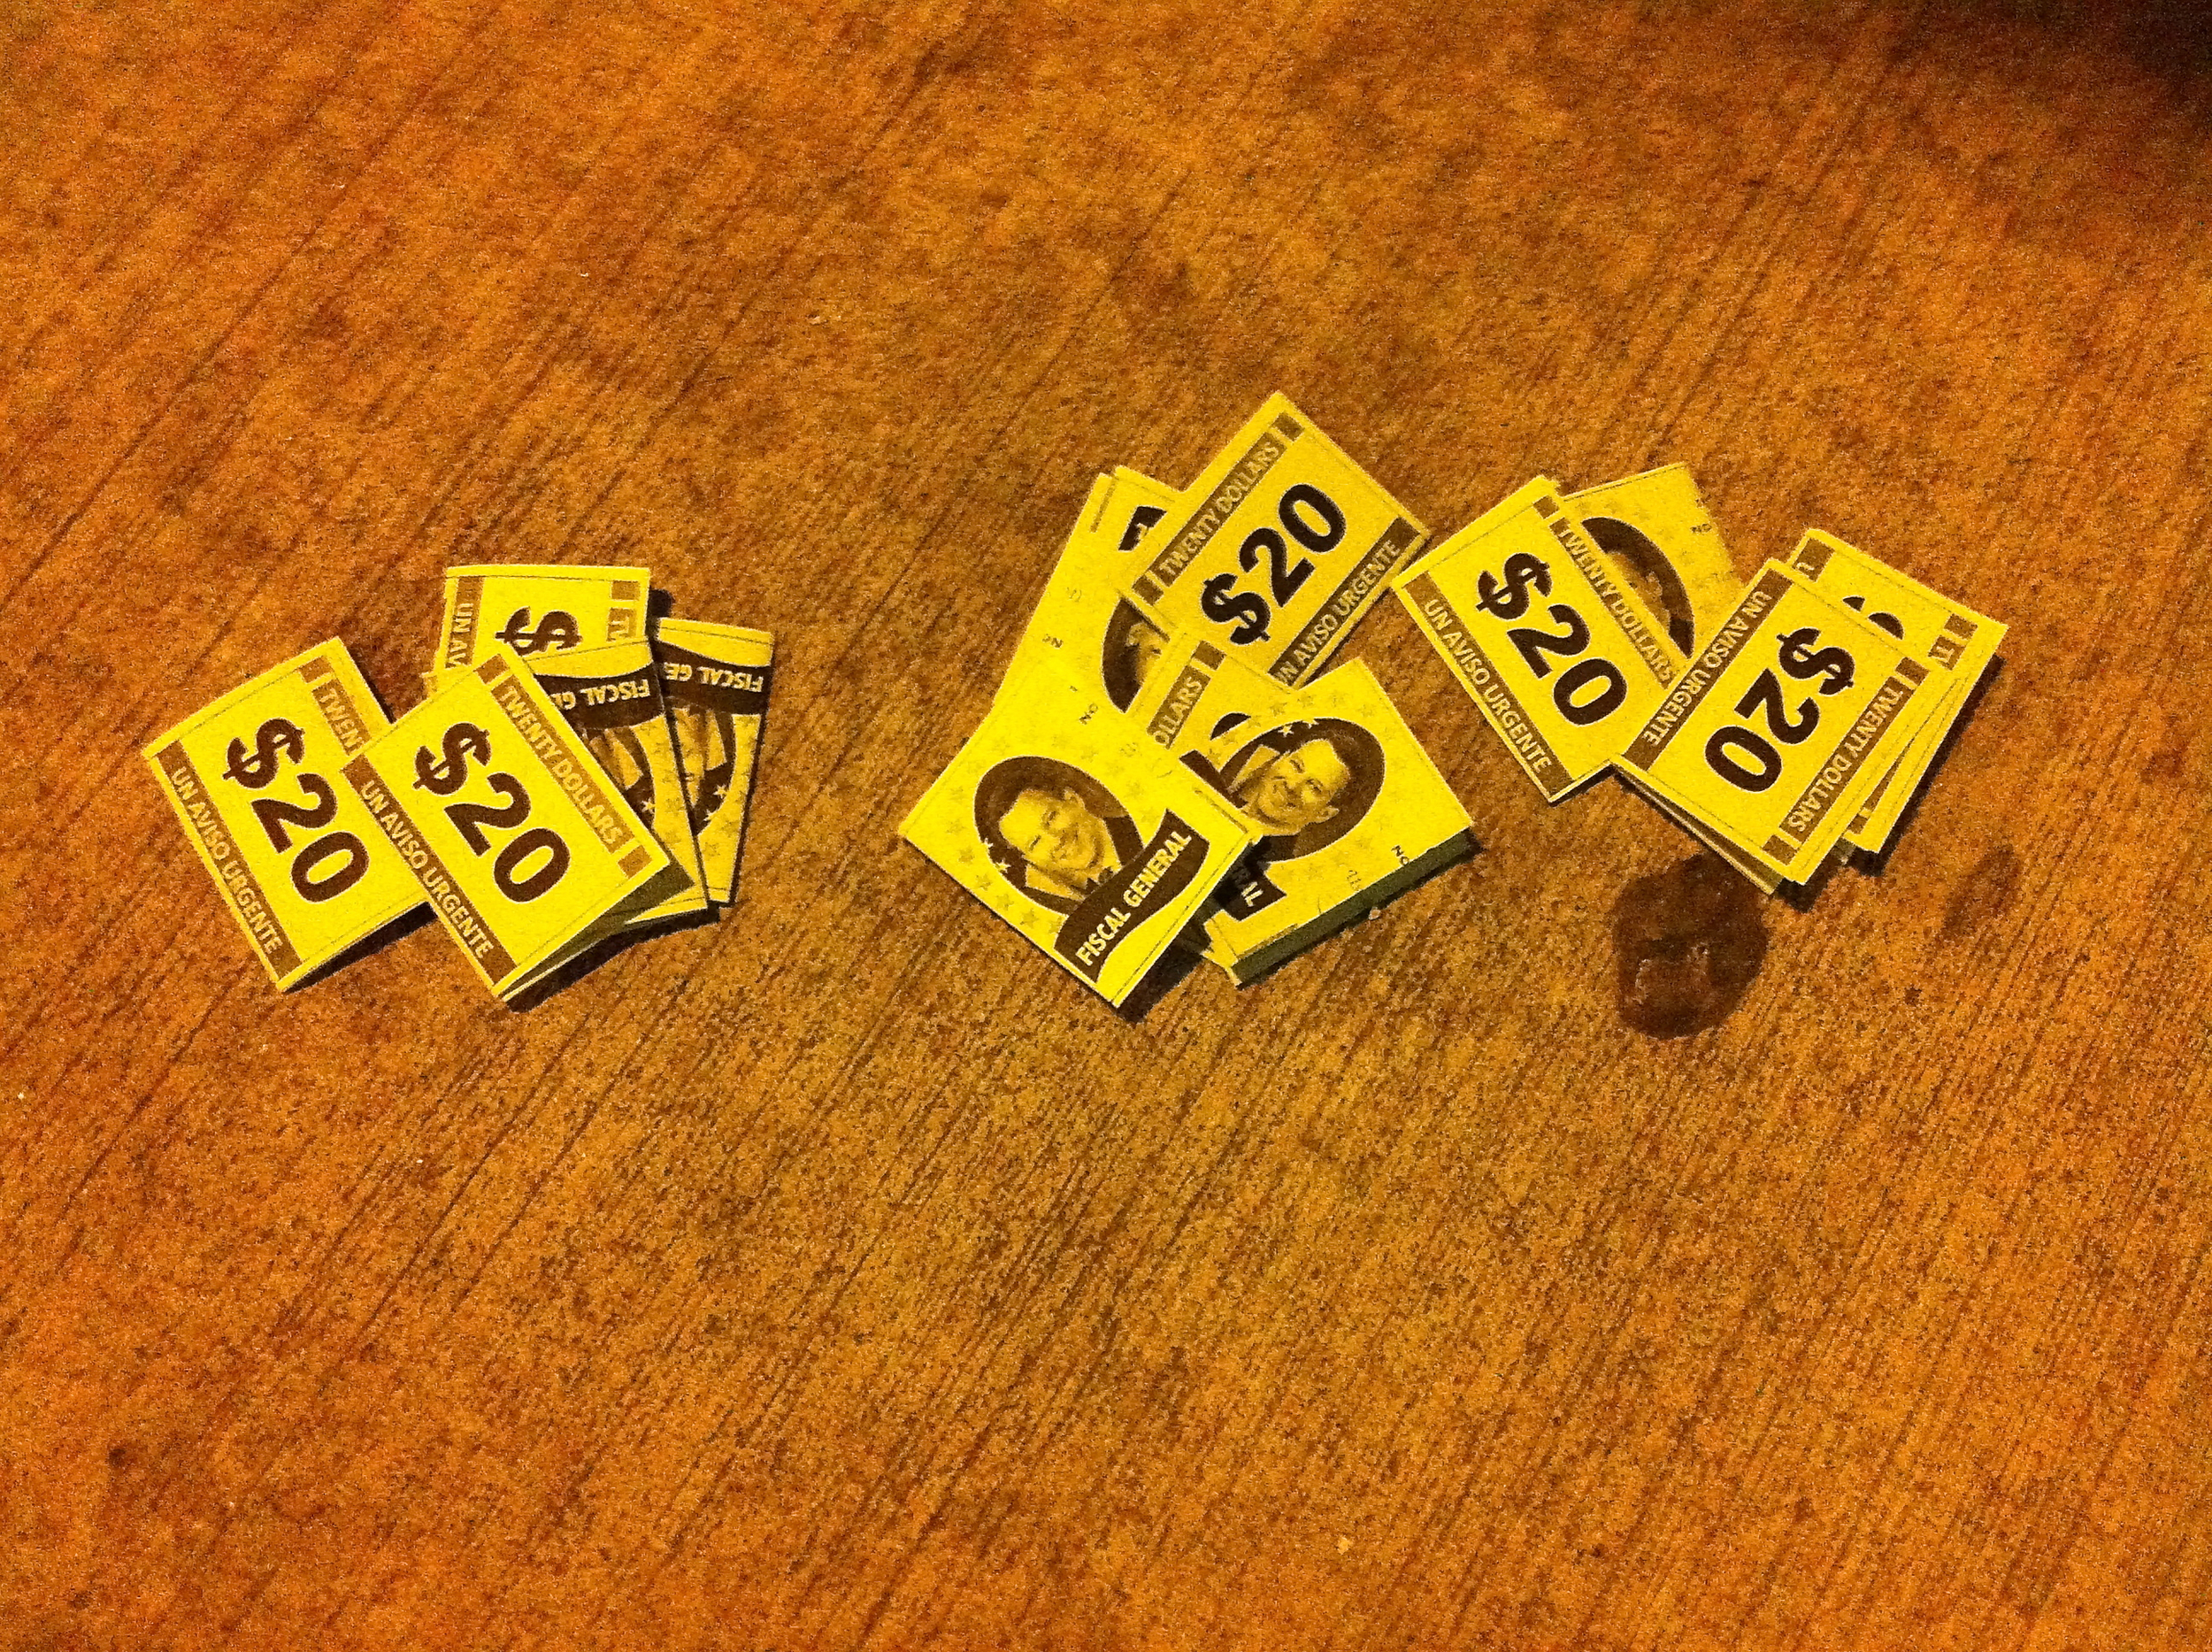 En un acto de  desobediencia civil , Progreso Queens (El Progreso de Queens) tiró folletos pequeñospor loslados de las calles en partes de los barrios de  Jackson Heights ,  Elmhurst , y  Corona , en Queens, para llamar la atención a la investigación estancada por el  Fiscal General  del Estado,  Eric Schneiderman  (D-Nueva York) en las prácticas de negocio de  Herbalife Ltd . Los activistas y los inversionistas de Wall Street acusan Herbalife de operar como un  esquema piramidal que se informa de explotar en gran medida a la comunidad hispana en Queens. Los folletos se publicaron en español. Origen de la Photo : Louis Flores